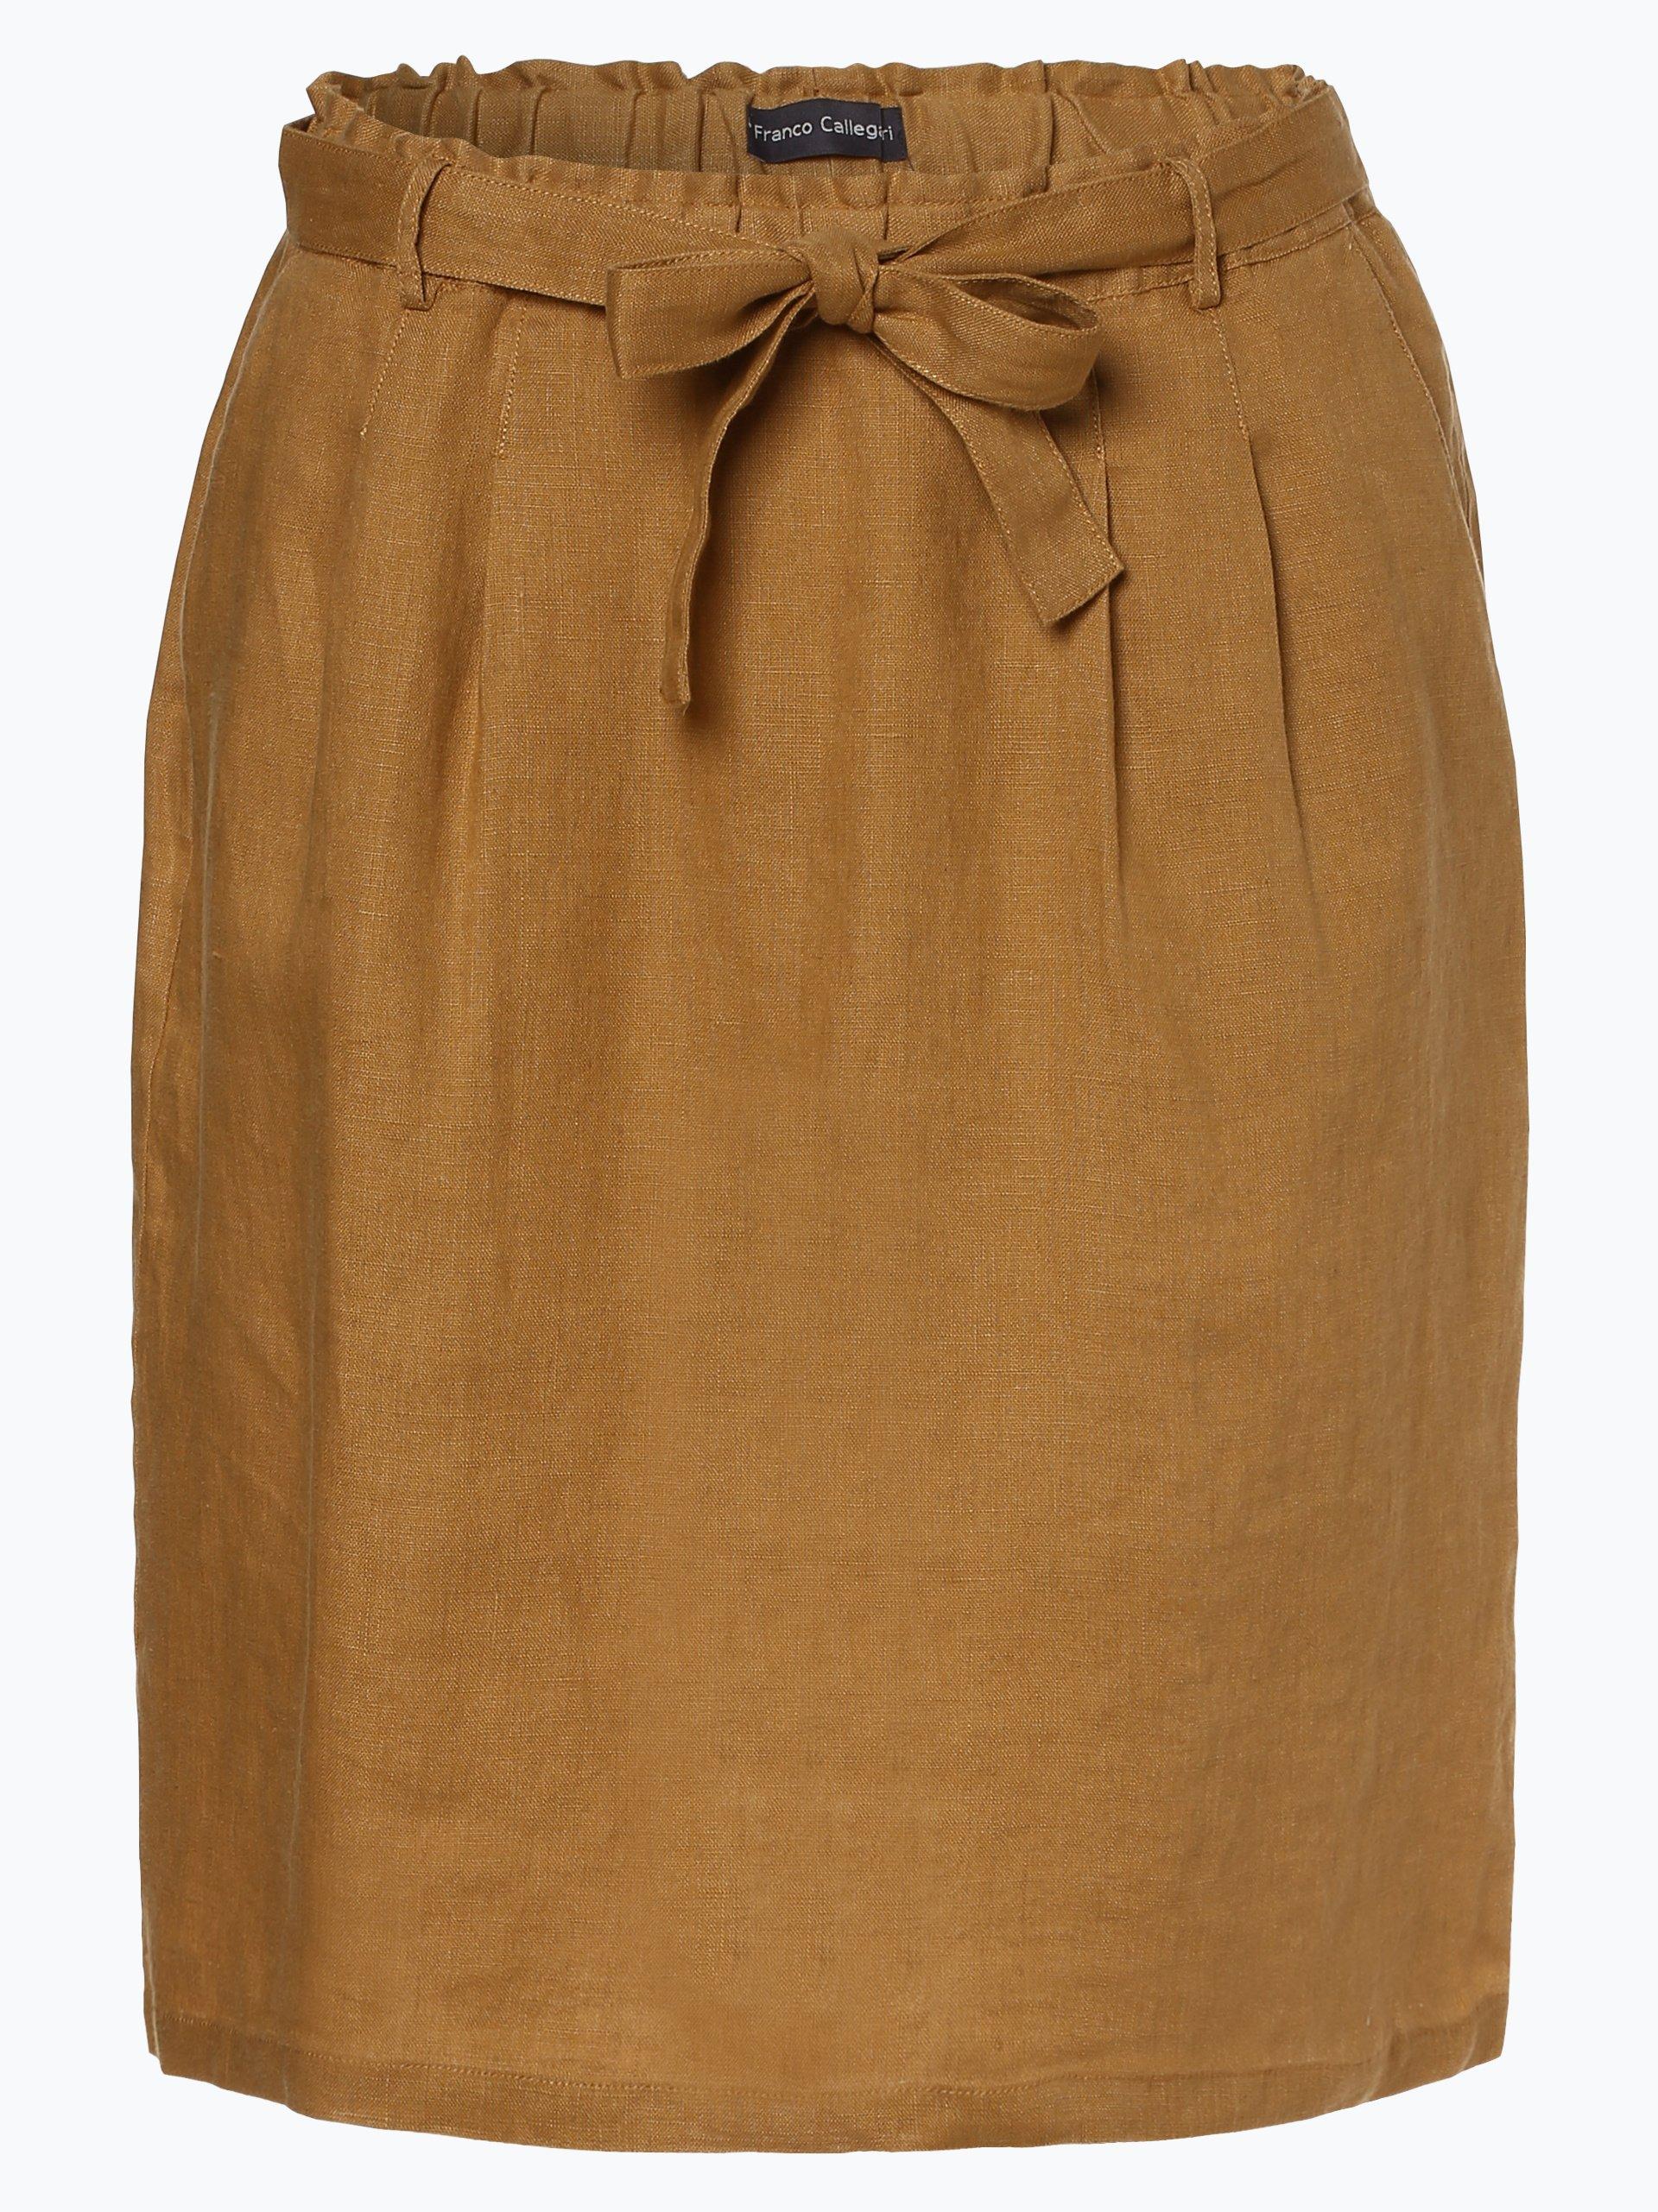 Franco Callegari Damska spódnica lniana